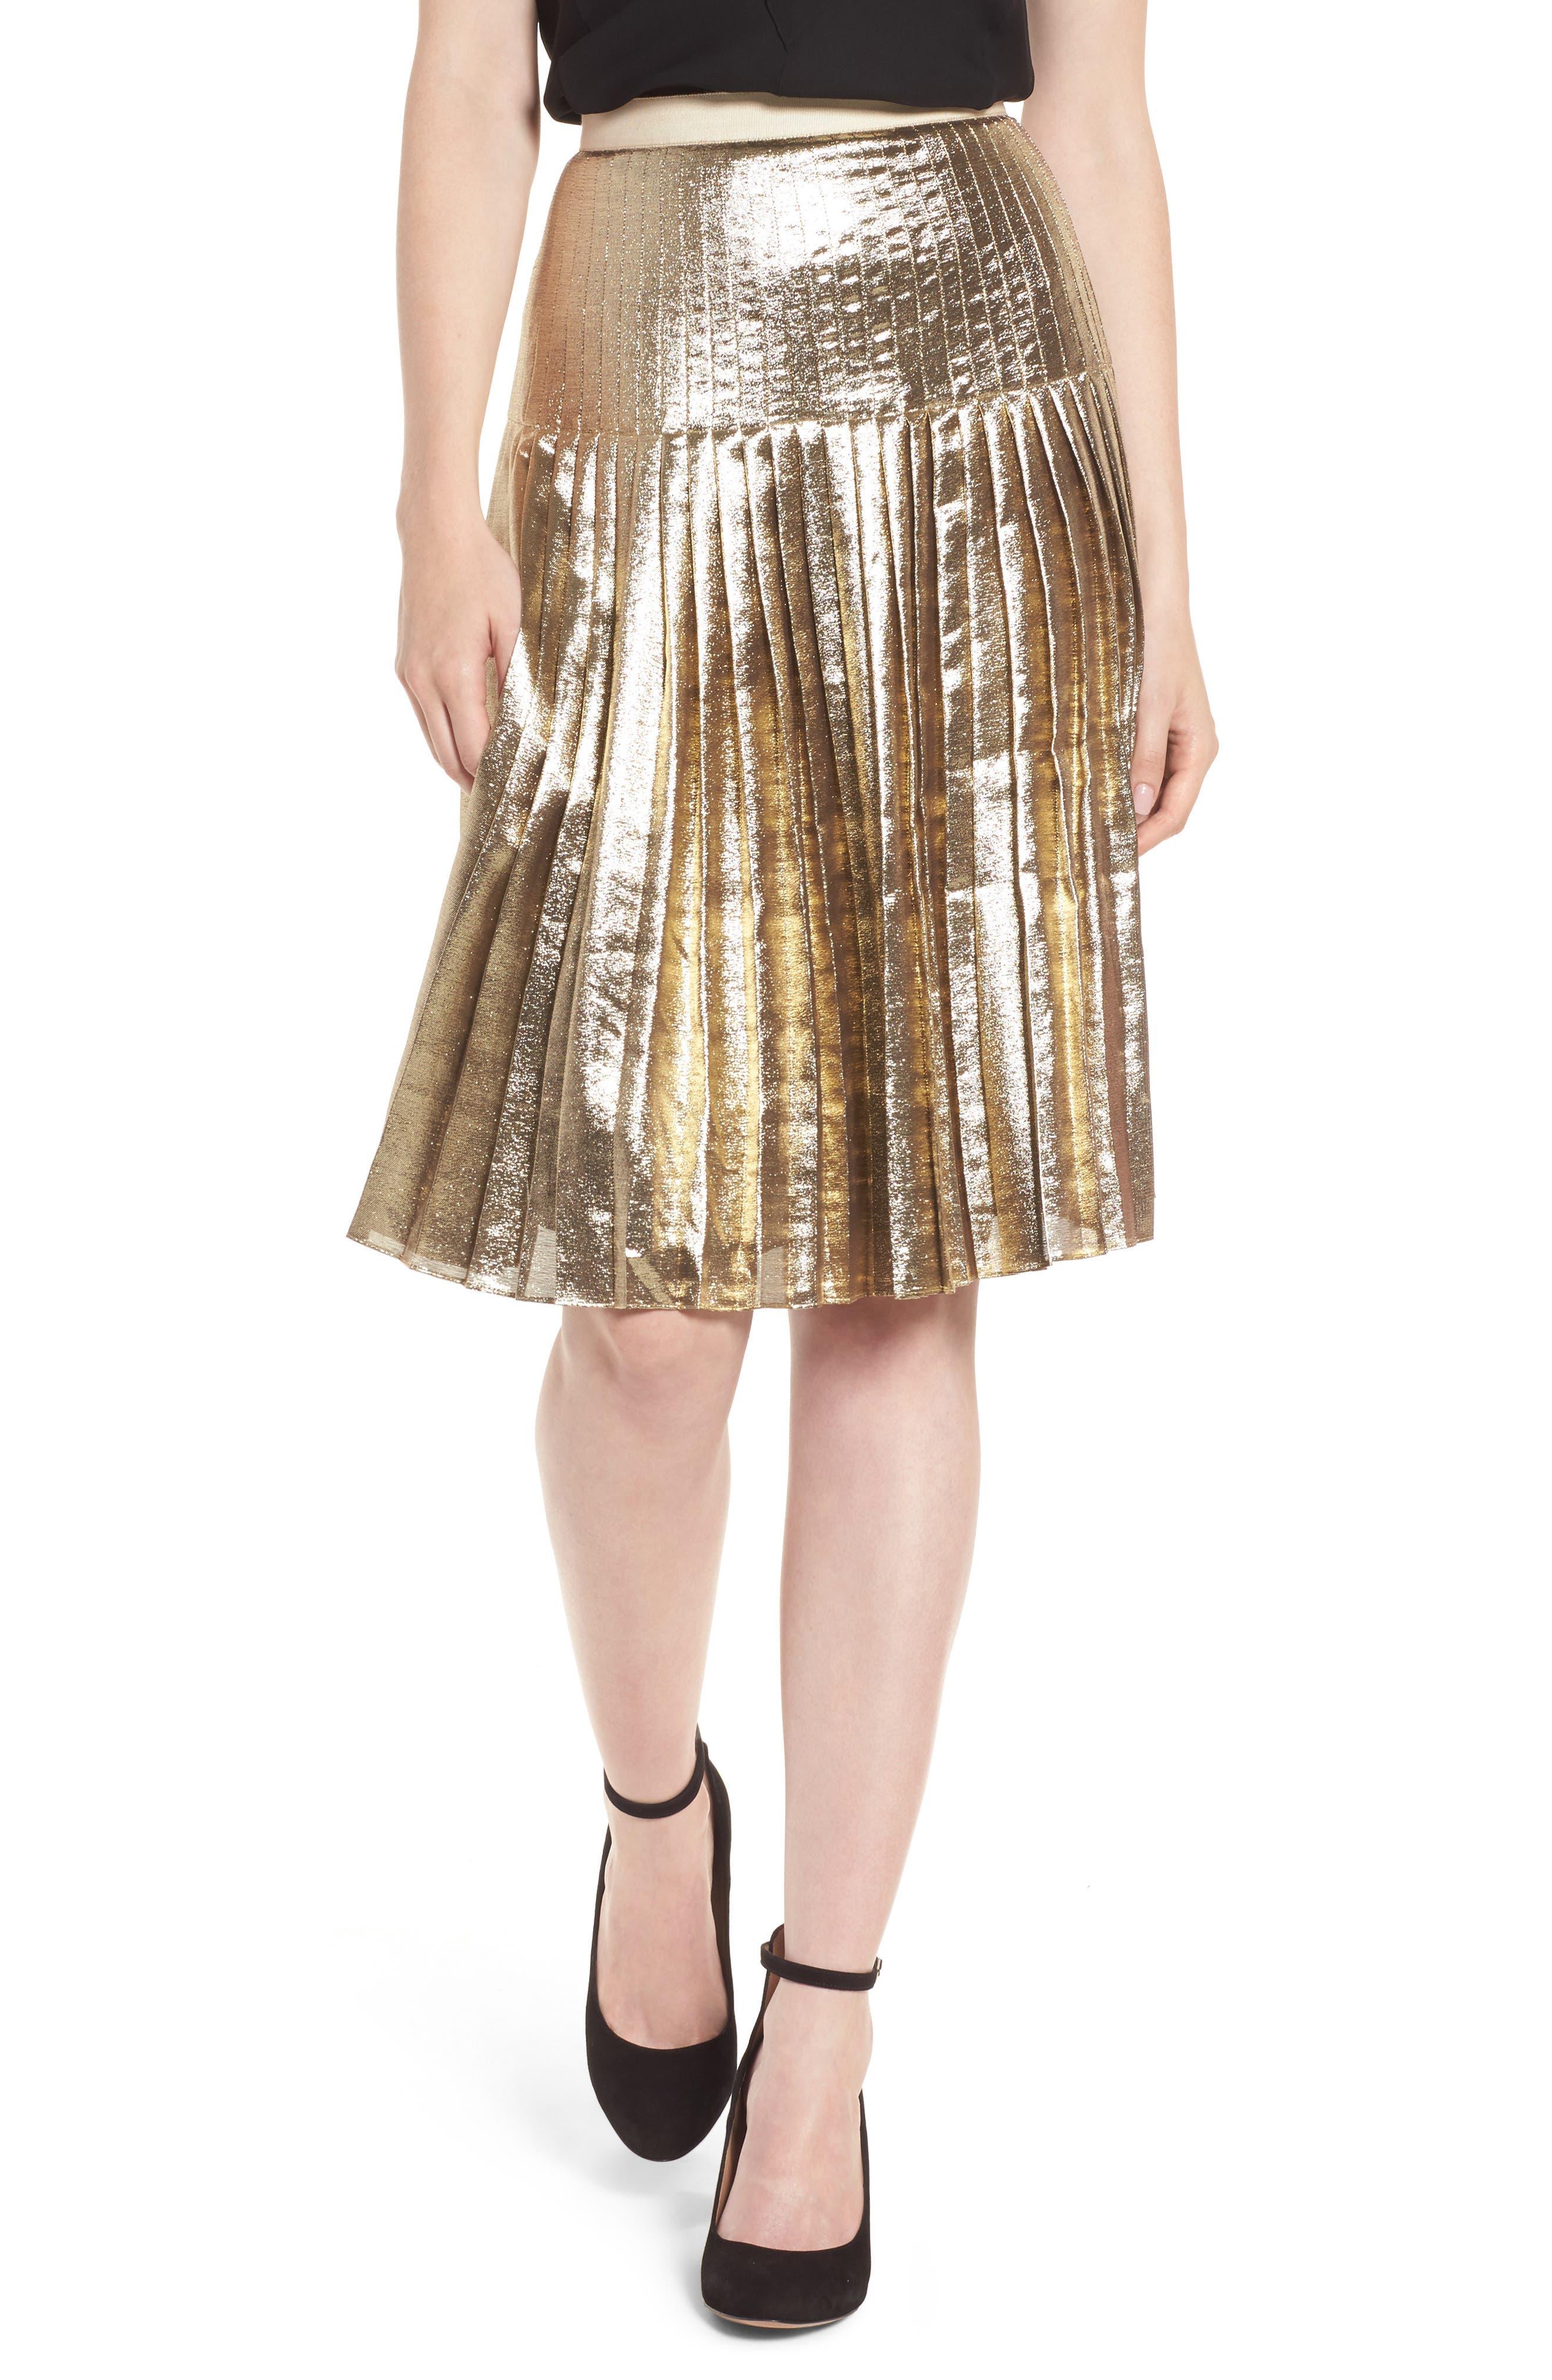 Alternate Image 1 Selected - Lewit Pleated Metallic Skirt